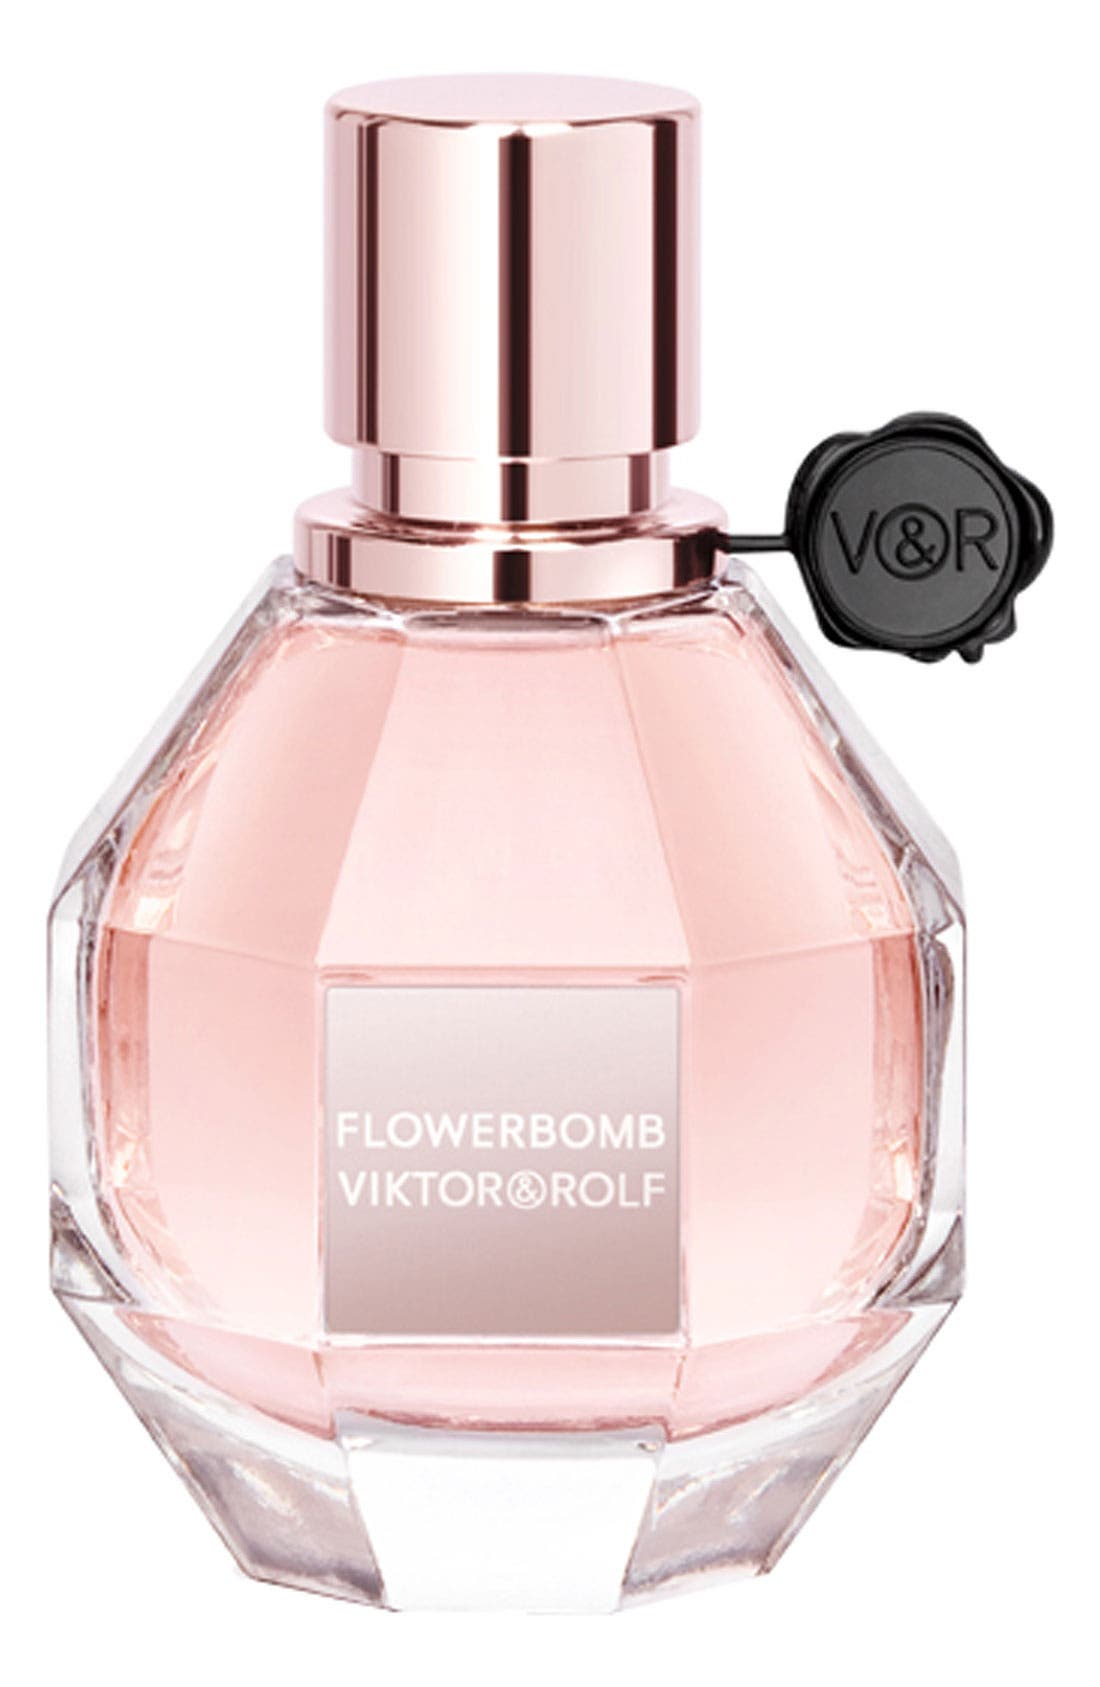 VIKTOR&ROLF,                             Flowerbomb Eau de Parfum Spray,                             Main thumbnail 1, color,                             NO COLOR